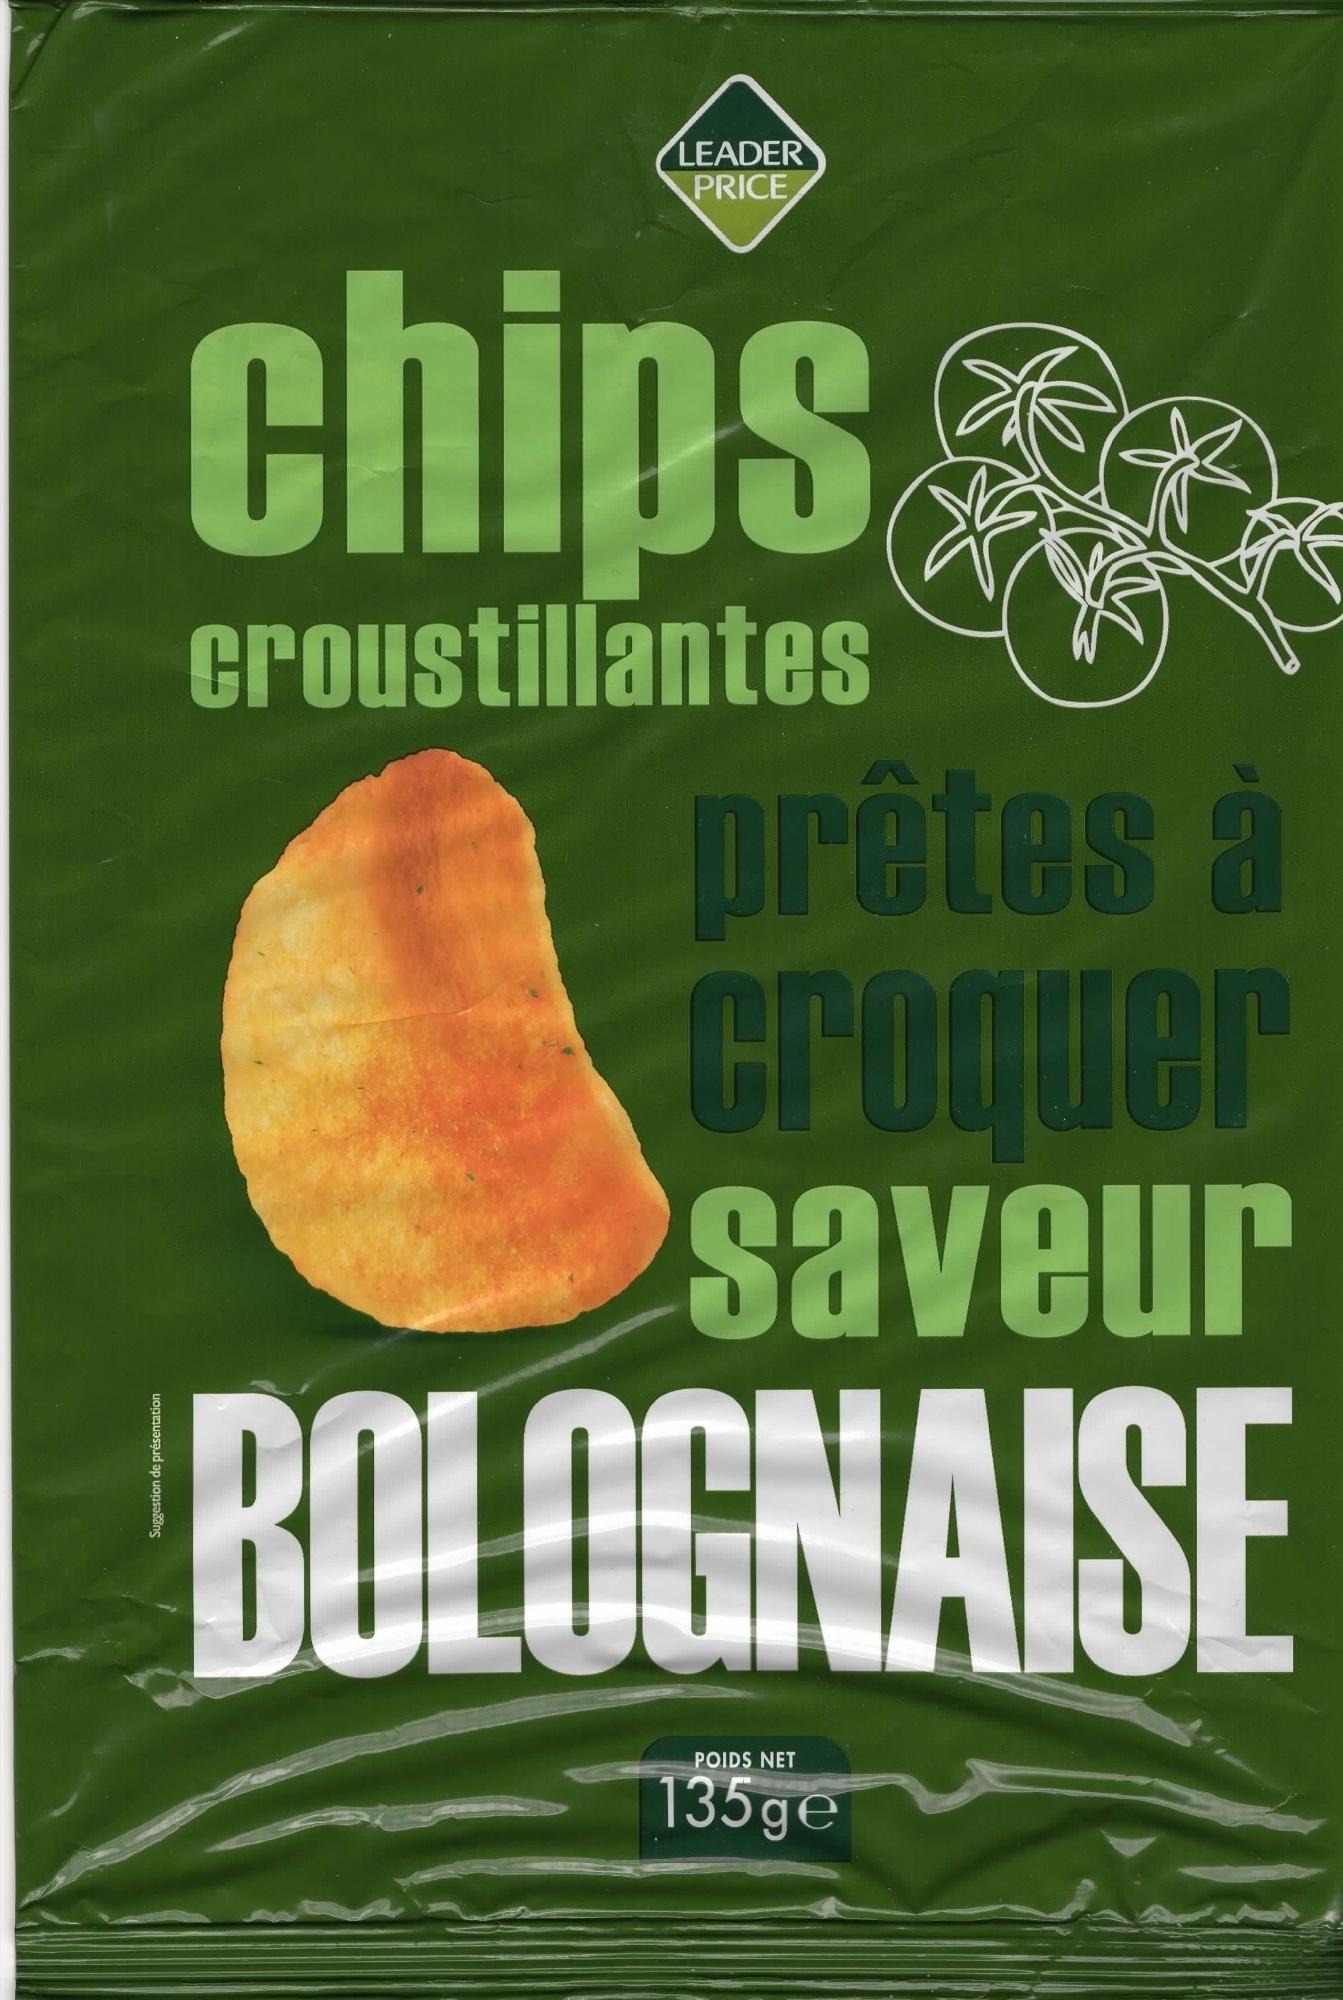 Chips croustillantes saveur bolognaise - Produit